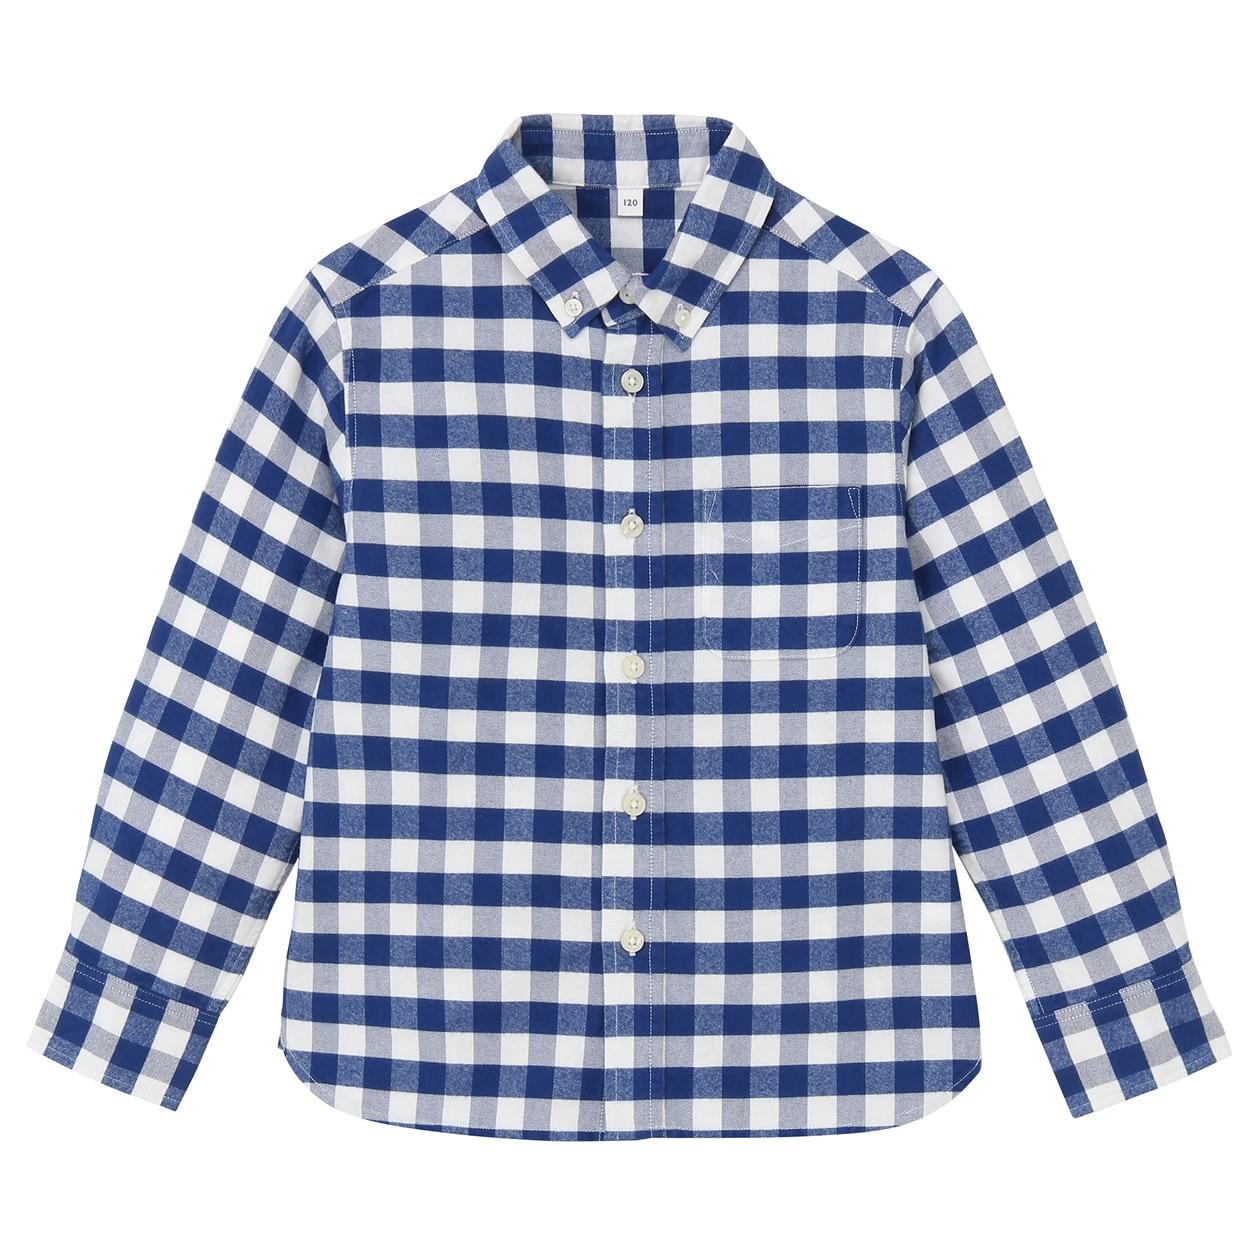 Organic Cotton Oxford Button Down Shirt Kids120 Blue Check